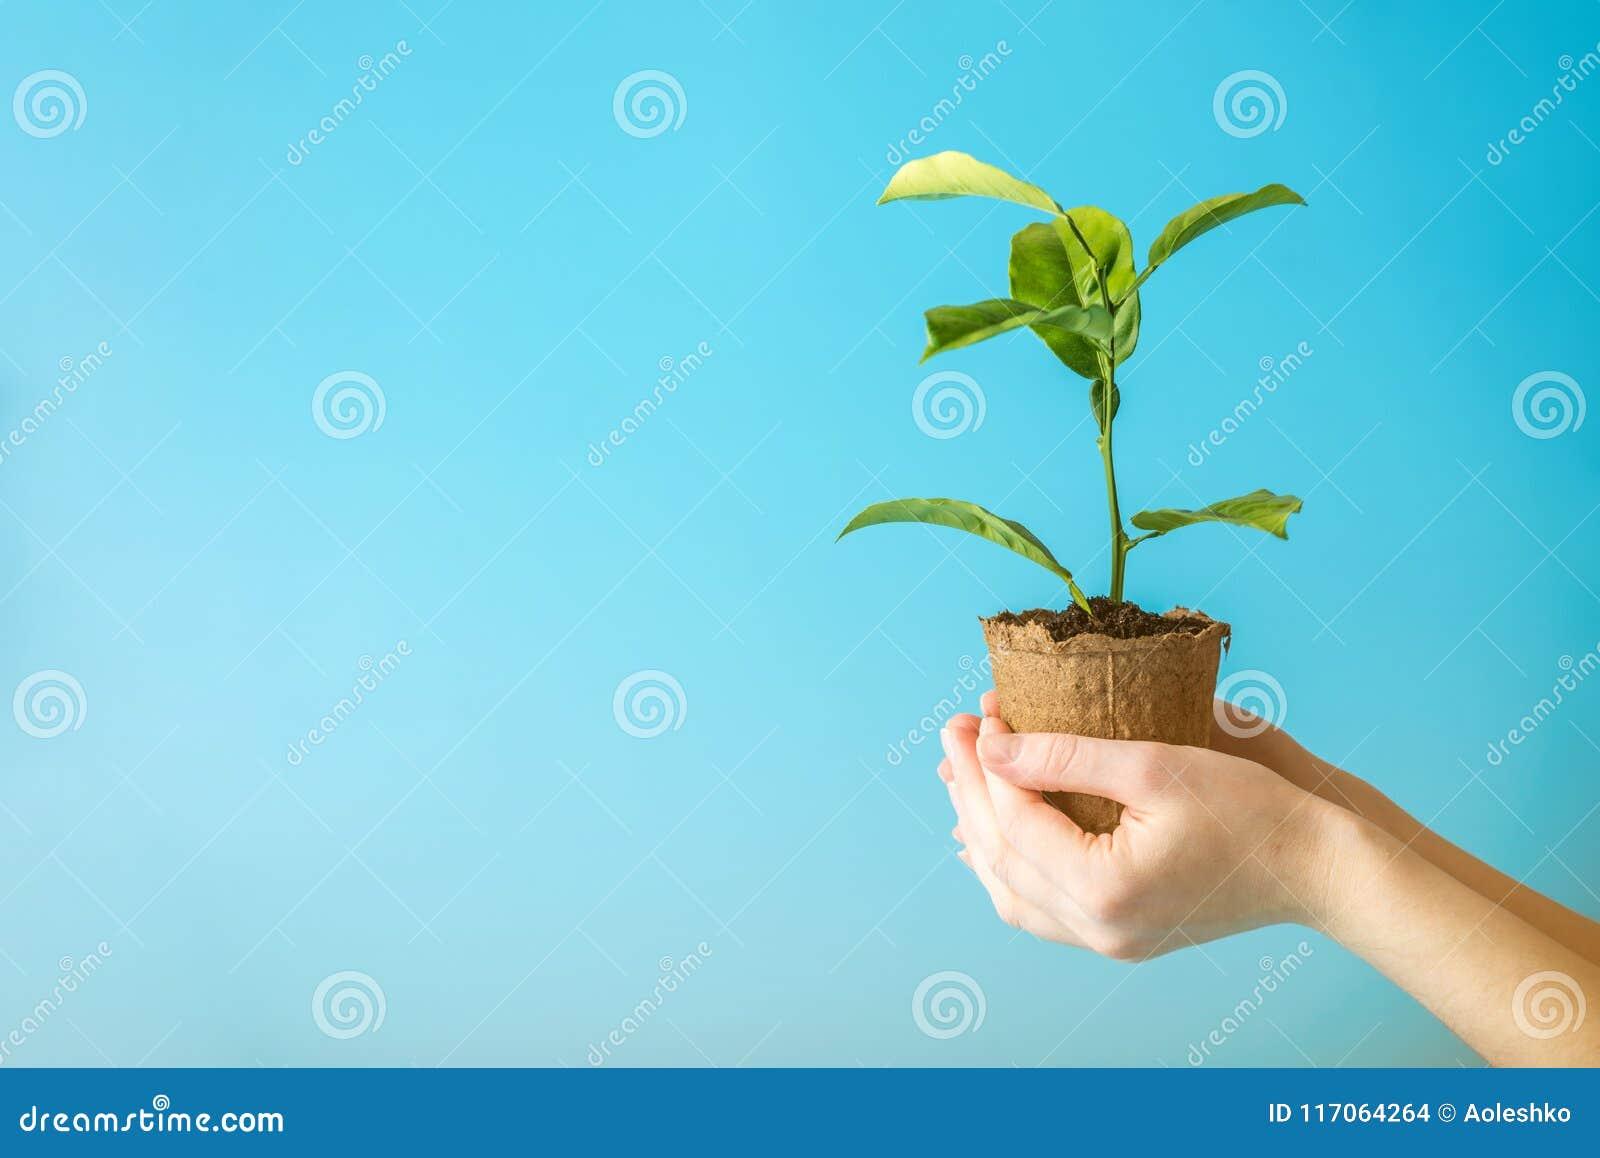 Flanca nowy zielony drzewo w ziemi w istot ludzkich rękach na błękitnym tle Pojęcie ochrona środowiska brązowić dzień zakrywającą